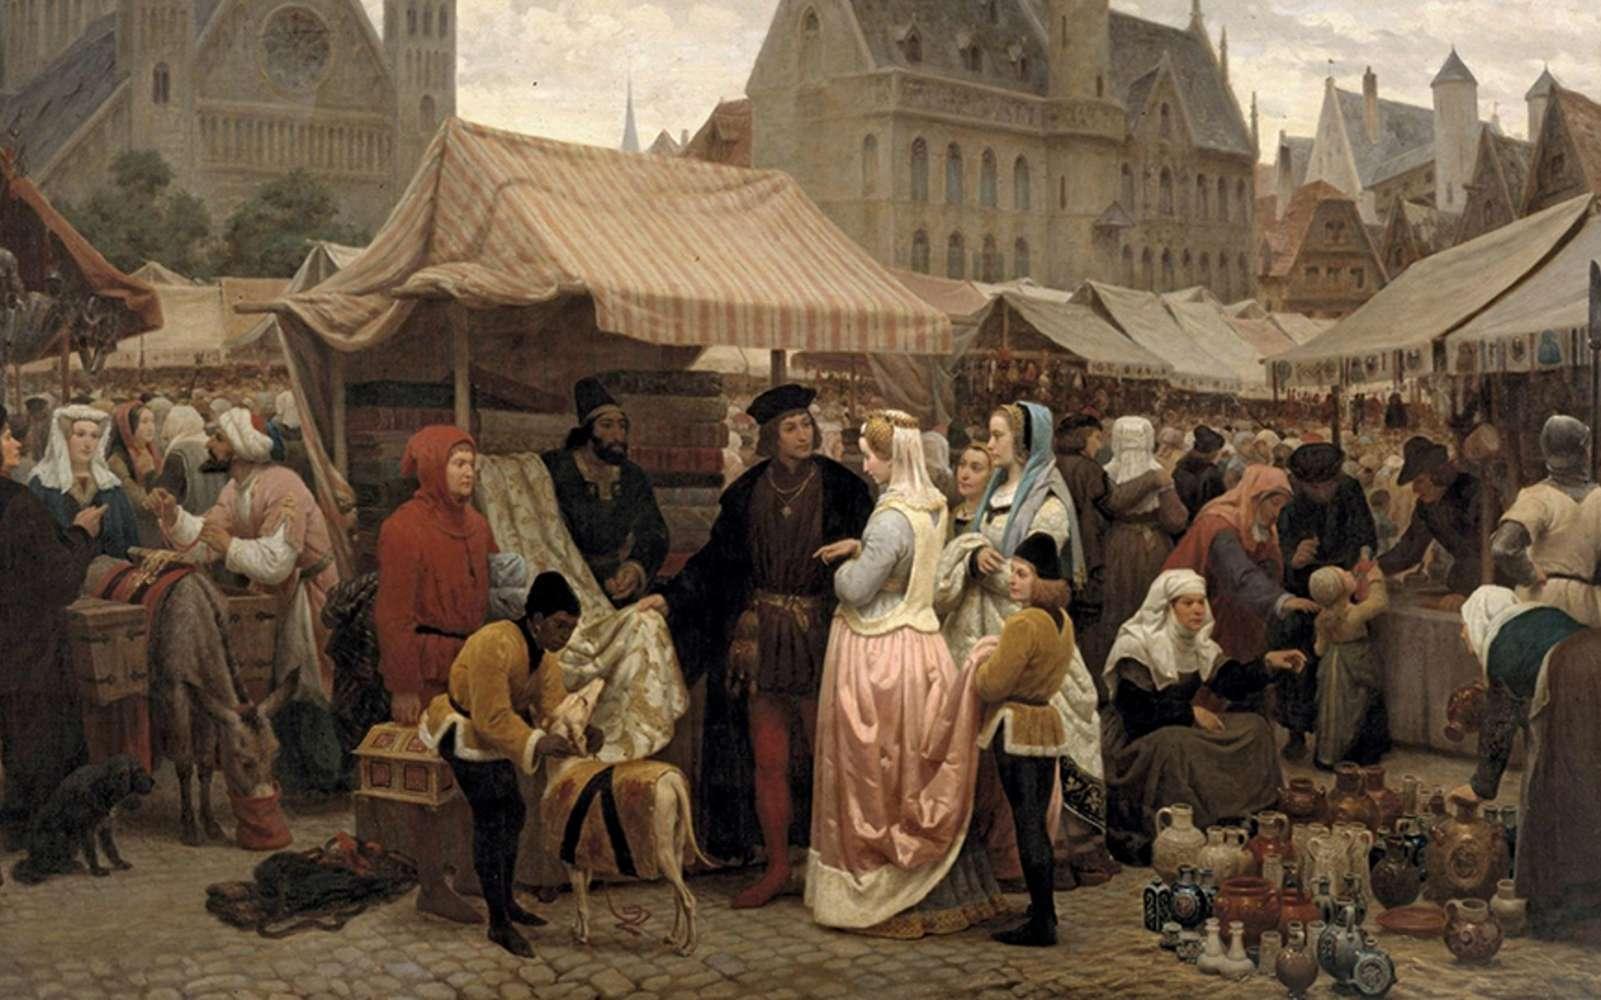 Une foire à Gand, au Moyen Âge. Huile sur toile de Félix de Vigne (1806-1862). © Wikimedia Commons, DP